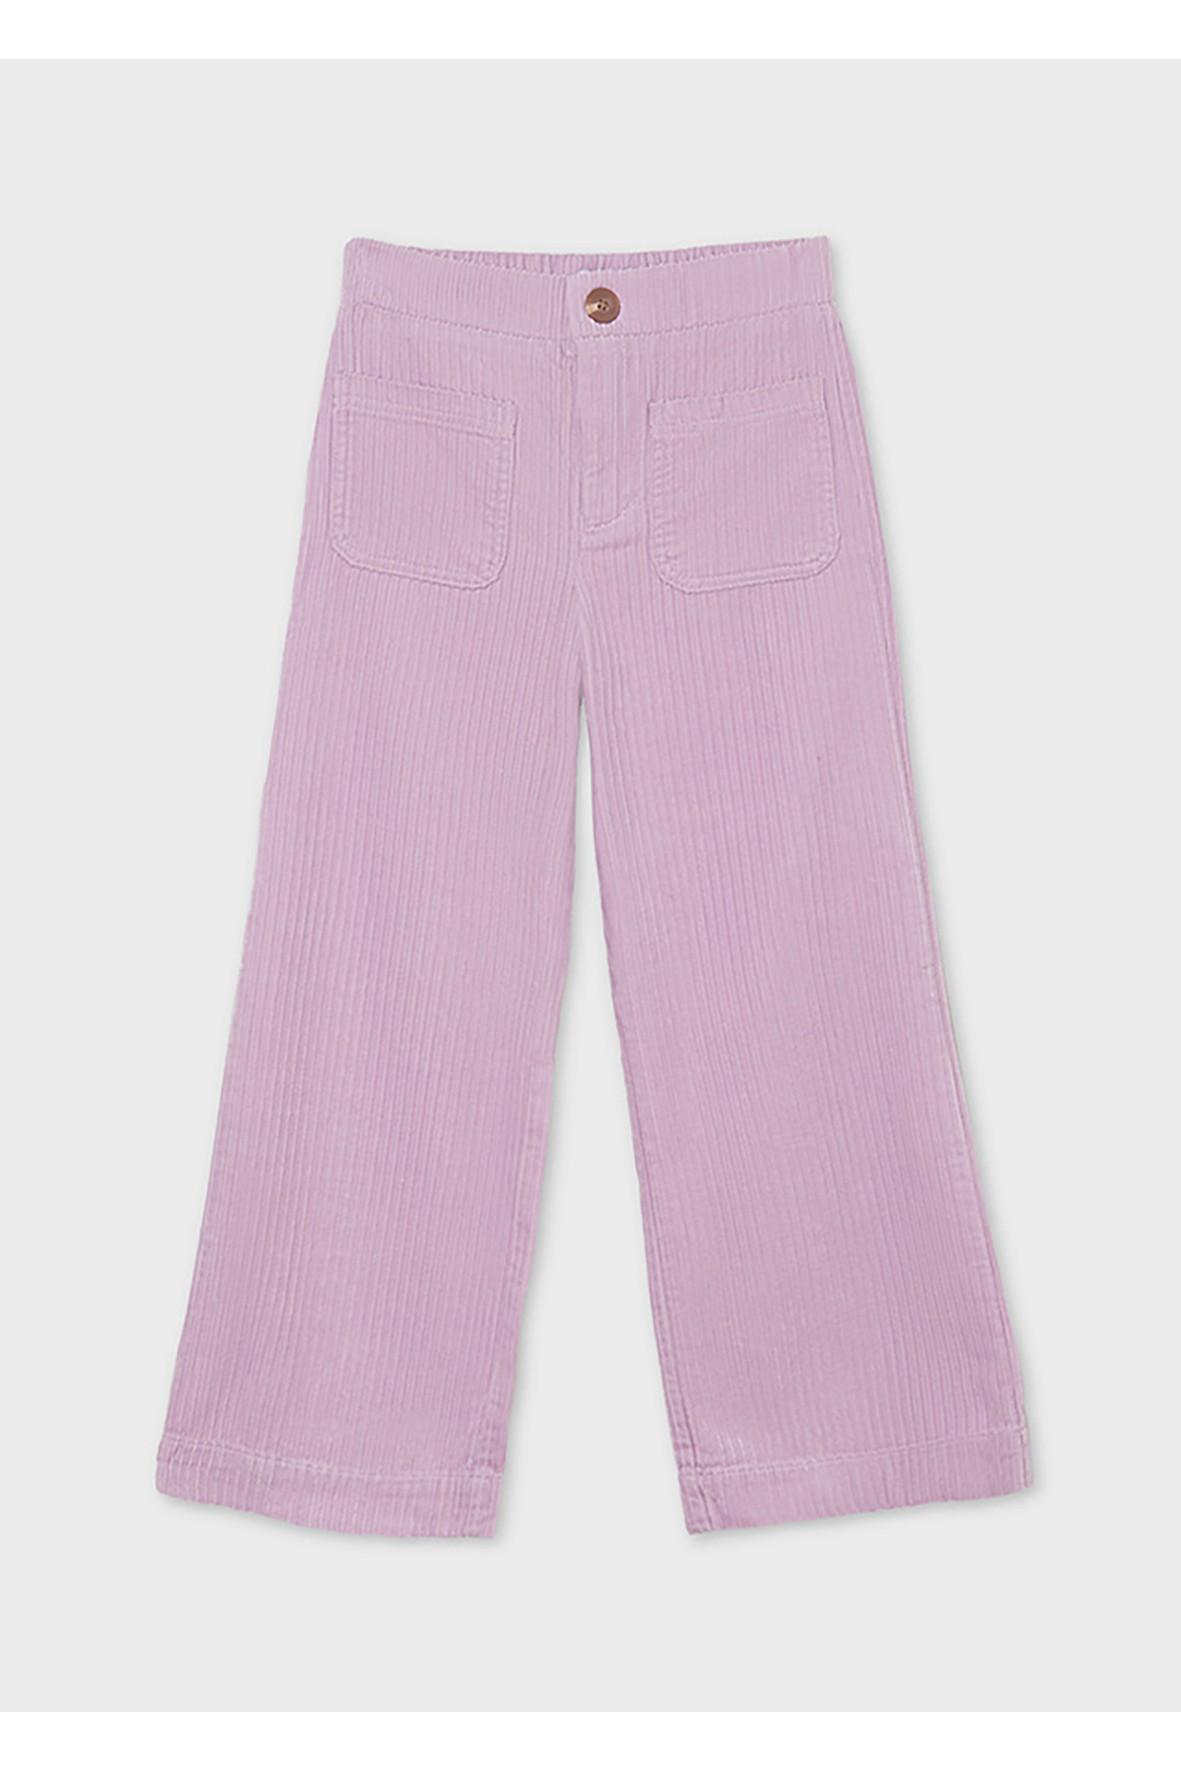 Bawełniane spodnie dziewczęce z ozdobnym paskiem - fioletowe